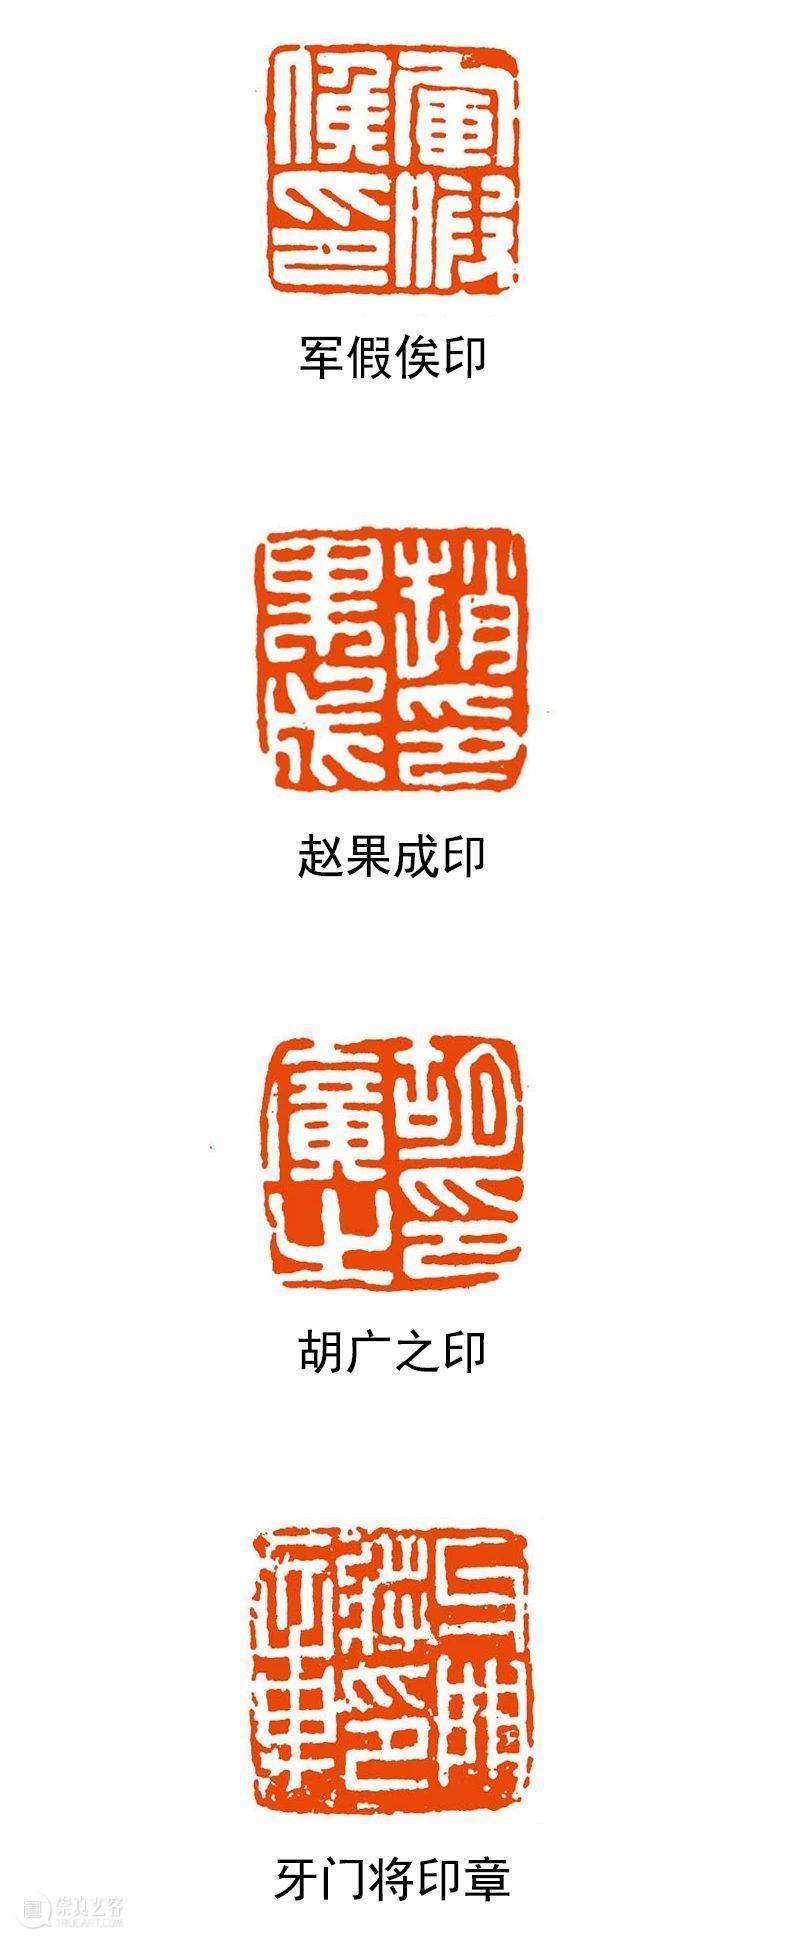 【篆刻讲堂】 汉印的情趣美(三)  西泠印社 讲堂 汉印 情趣 中国 文化史 时代 军事 经济 农业 手工业 崇真艺客